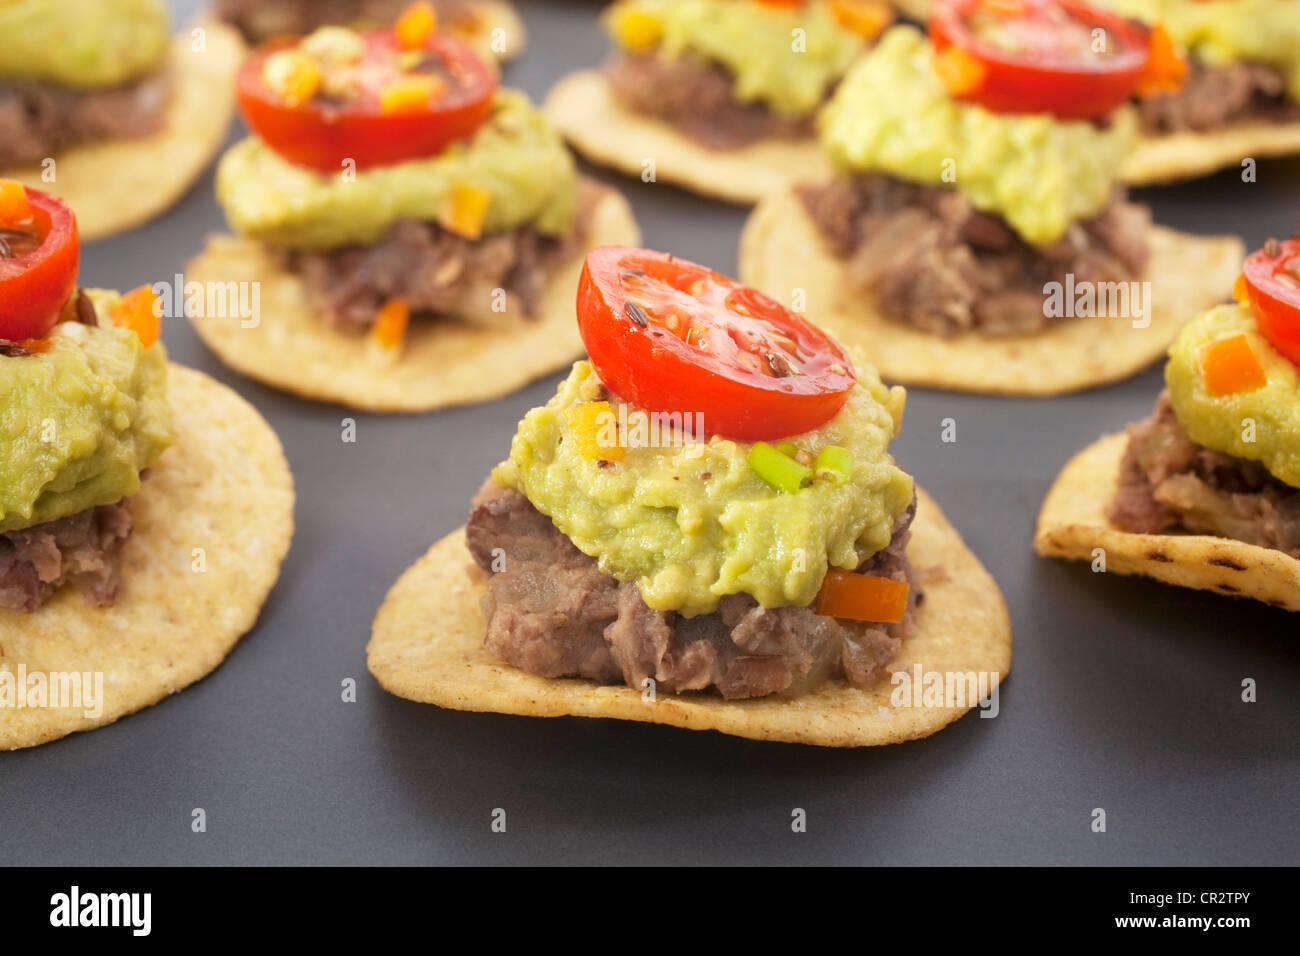 Würzige mexikanische Party Essen, Mais-Chips garniert mit gebackenen Bohnen, Tomaten und Avocado Salsa. Stockbild